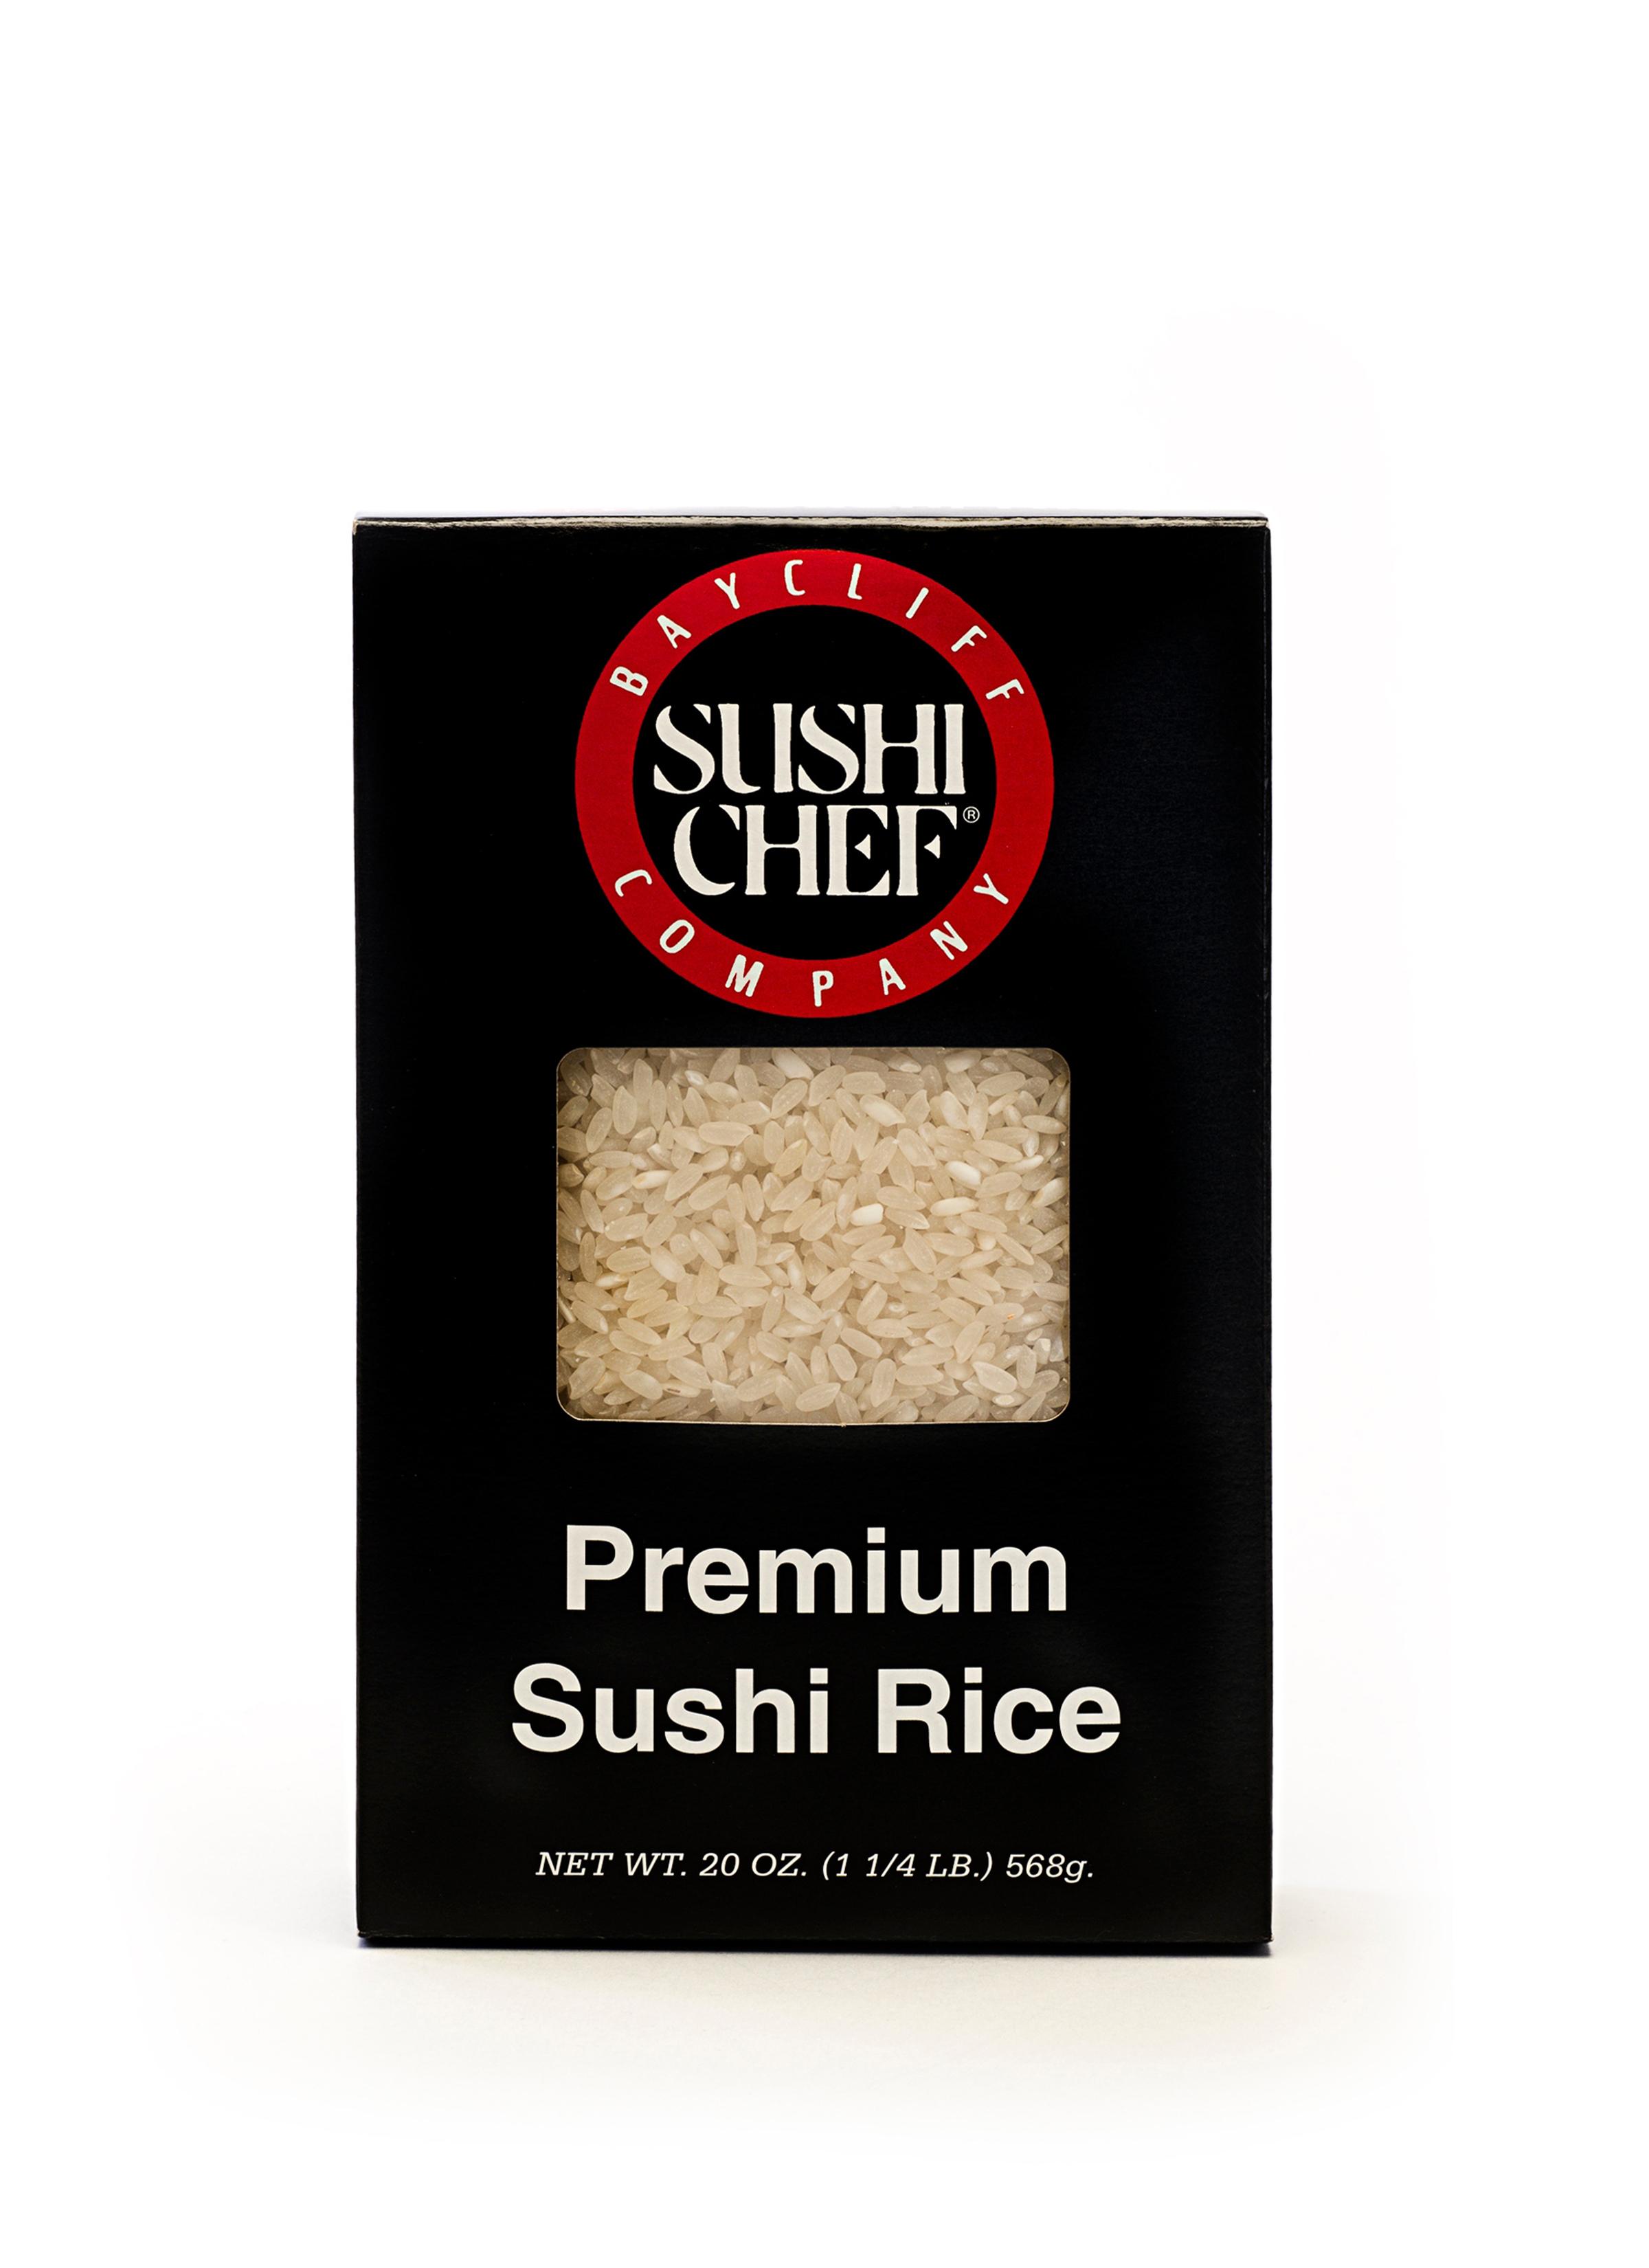 Premium Sushi Rice